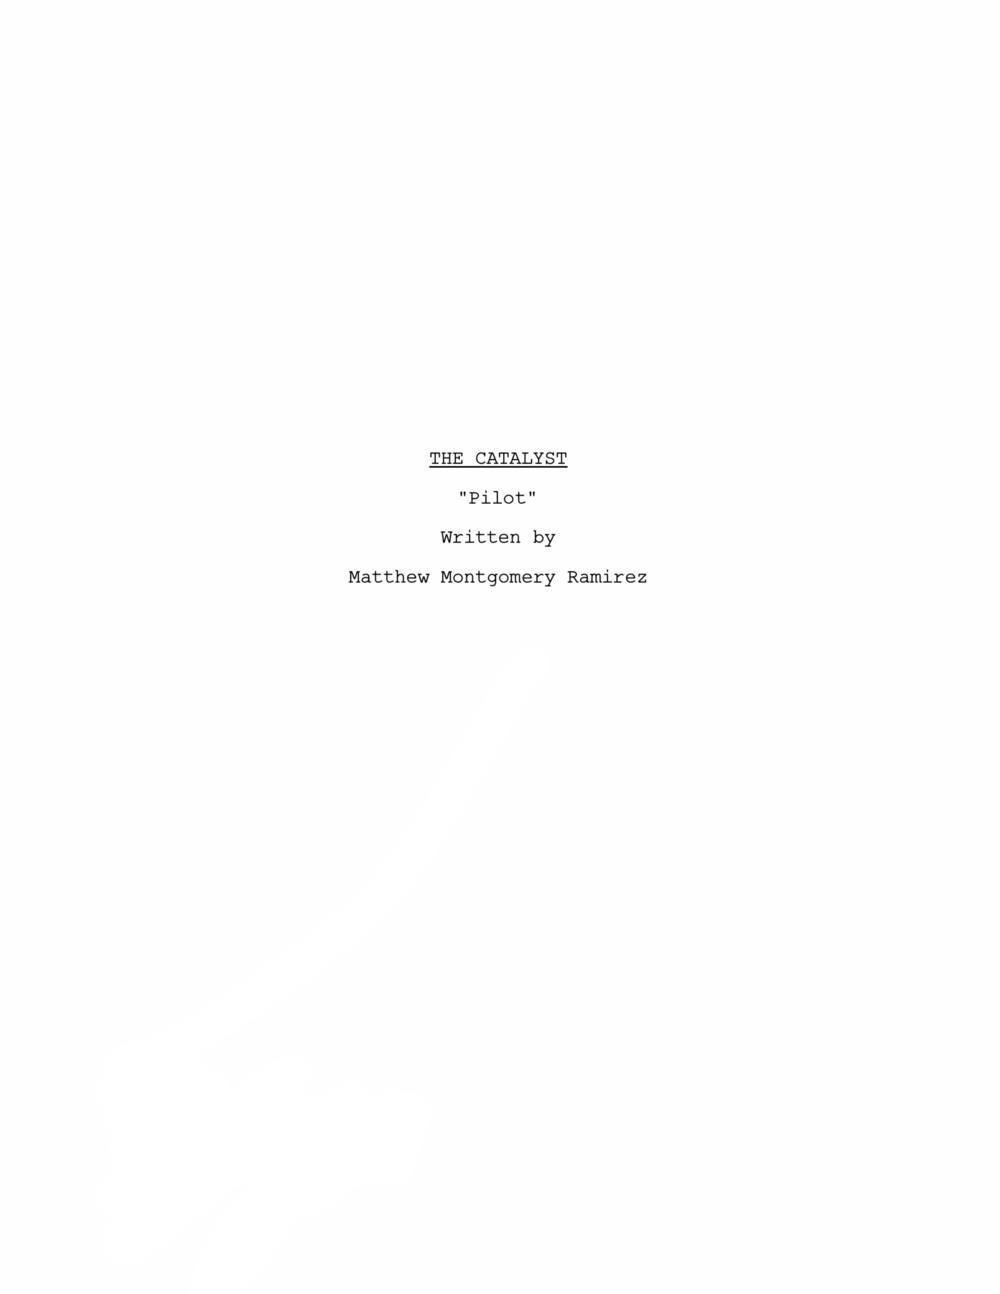 The Catalyst - Pilot/Feature Film